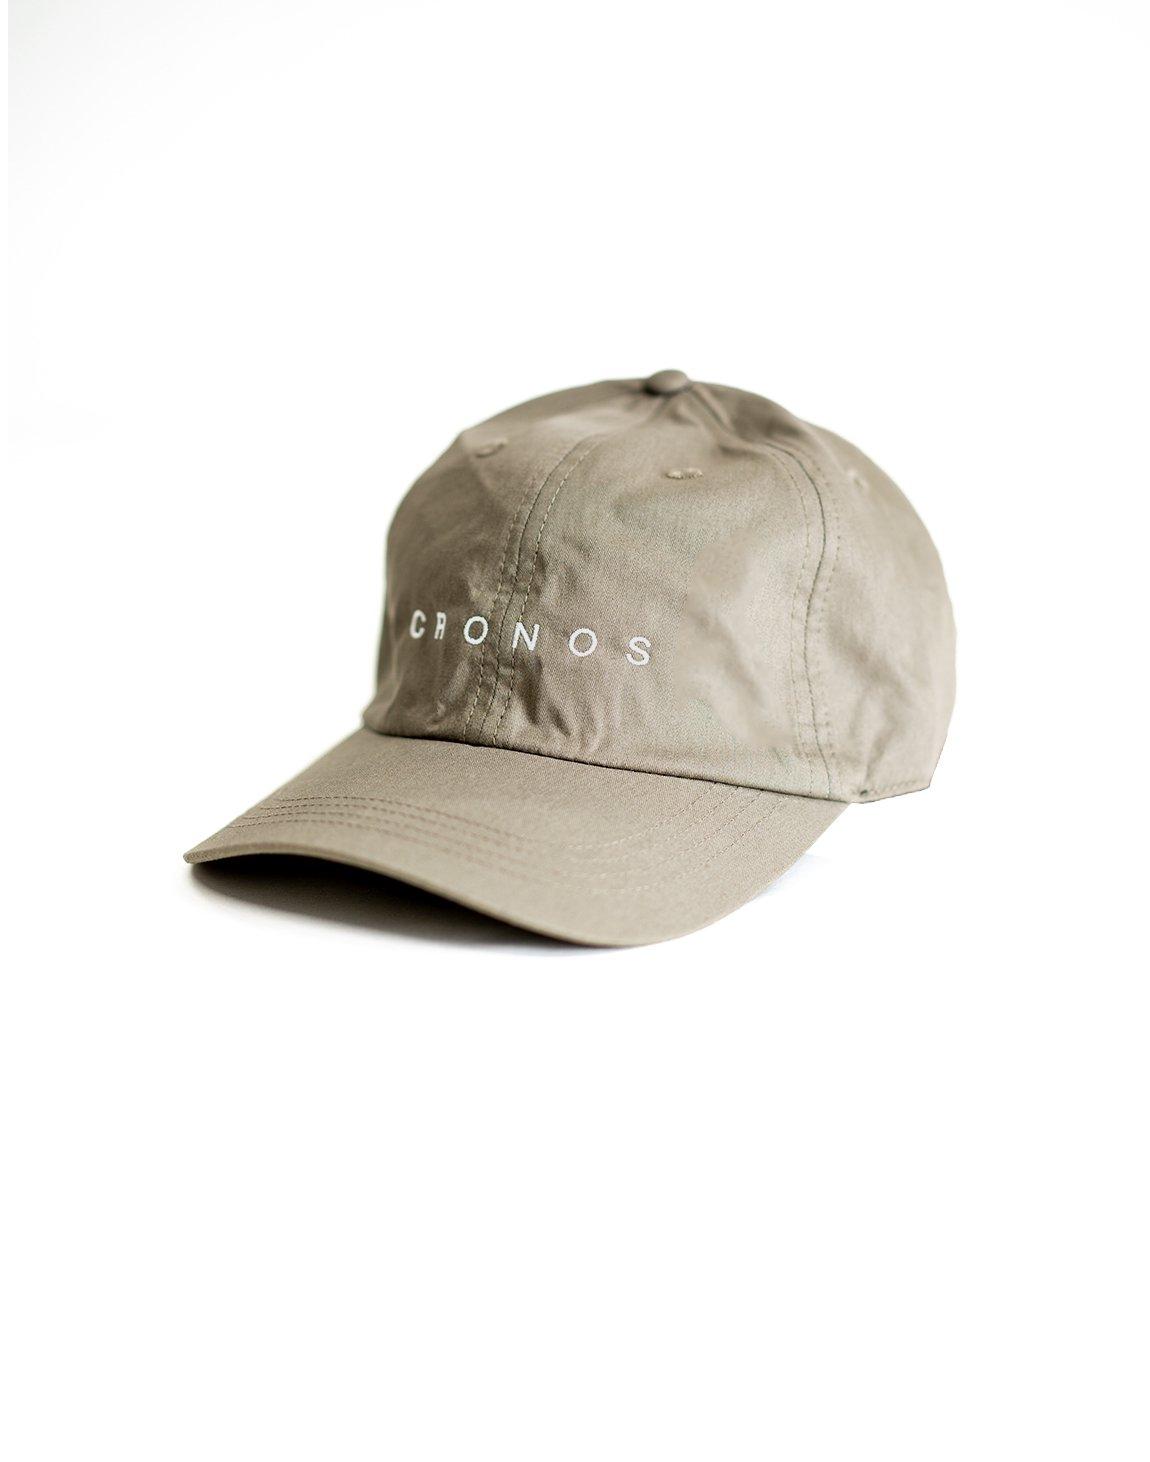 CRONOS LOGO CAP 【GRAY】